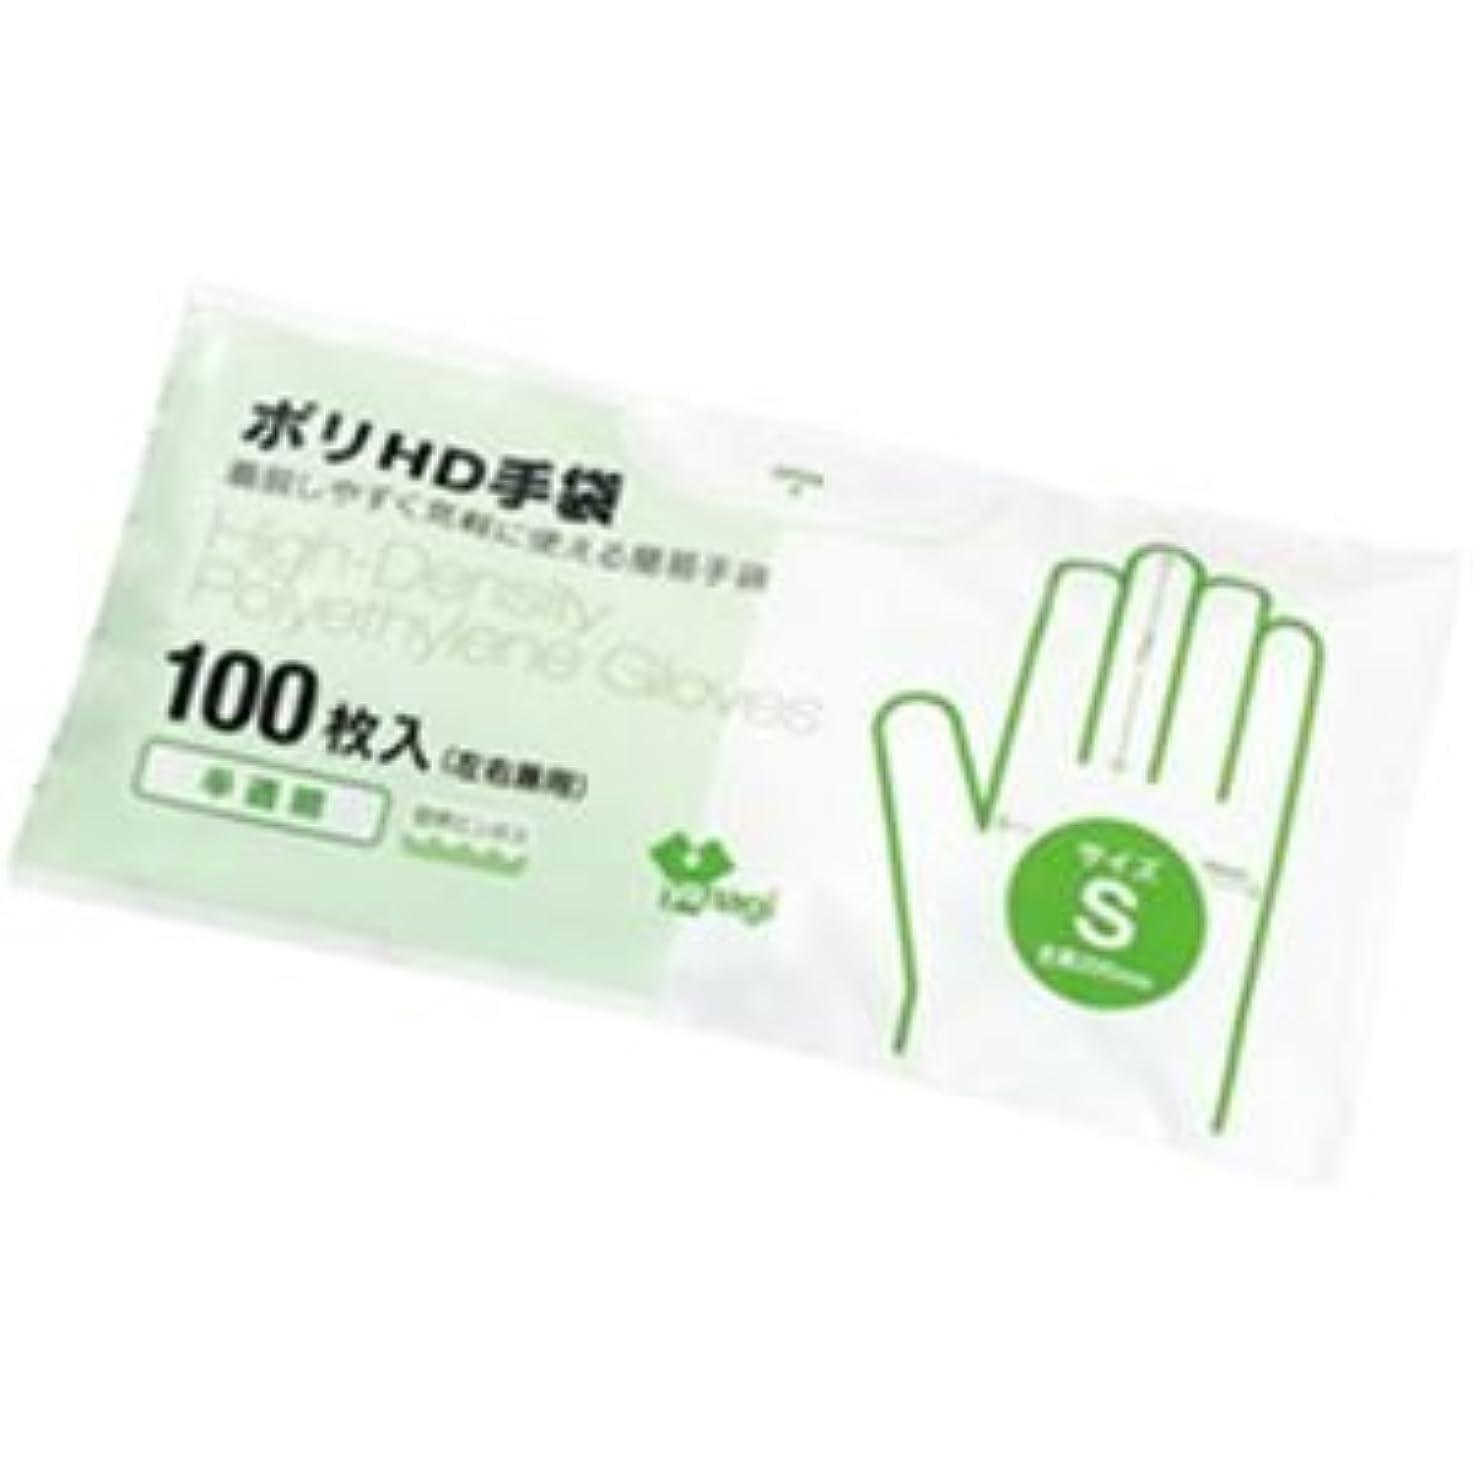 ガイドライン一流常習者やなぎプロダクツ 高密度ポリエチレン手袋 S 半透明 1箱(100枚) ×30セット